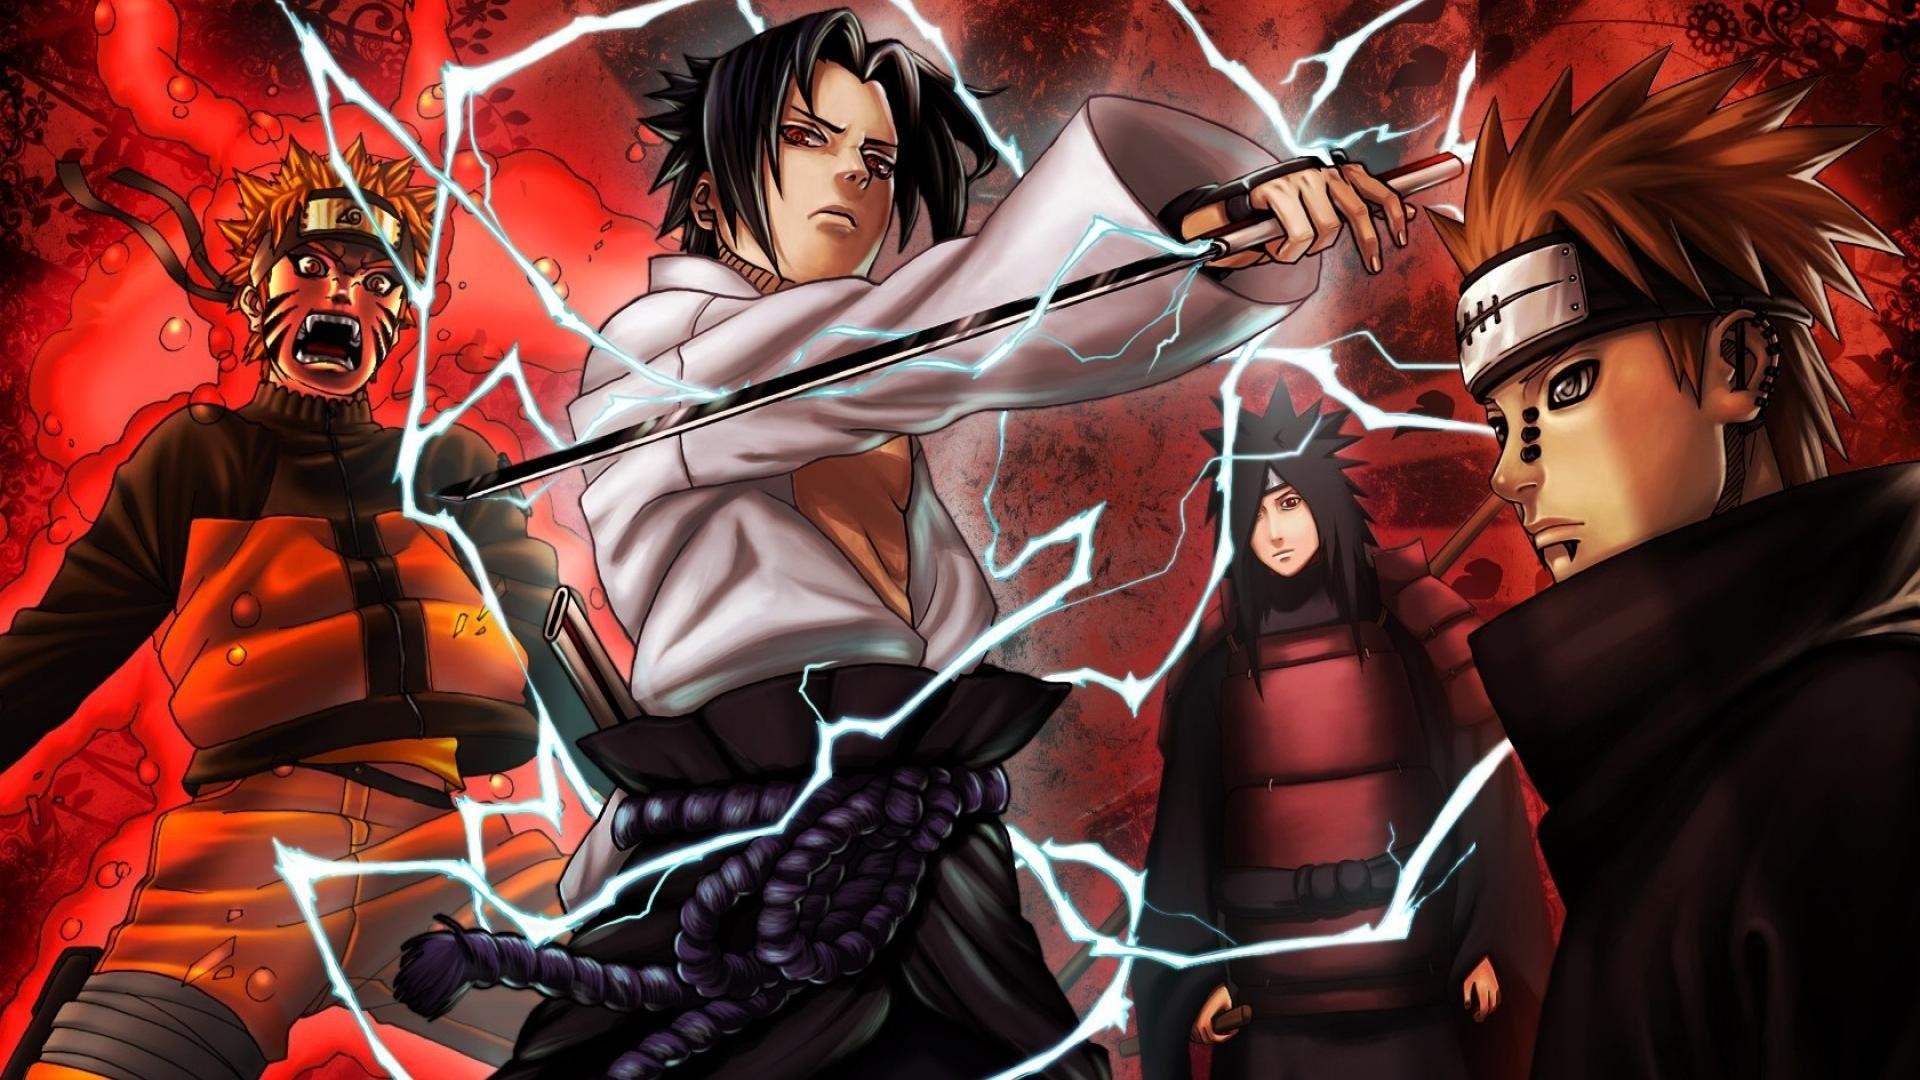 Naruto Shippuden Wallpaper Akatsuki (46+ images)